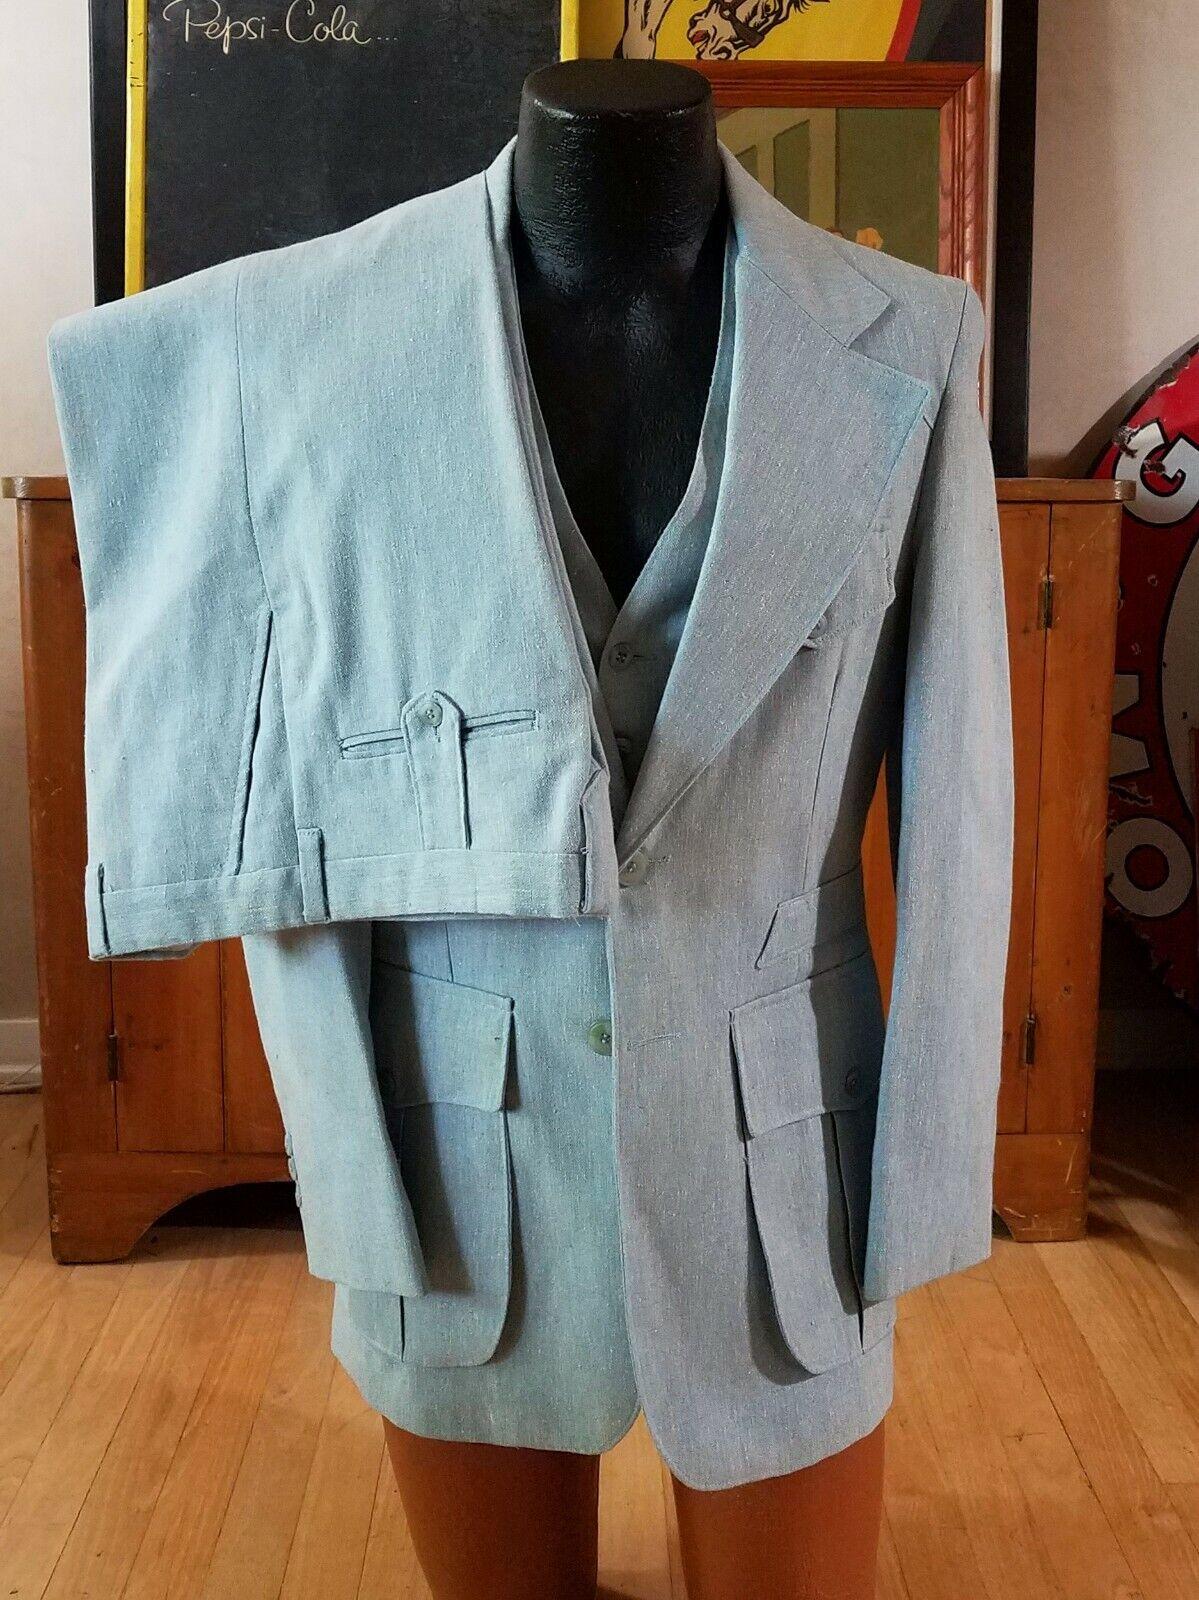 Vtg 1970s 3 Piece 30s Style Linen Suit. Mint.  - image 1